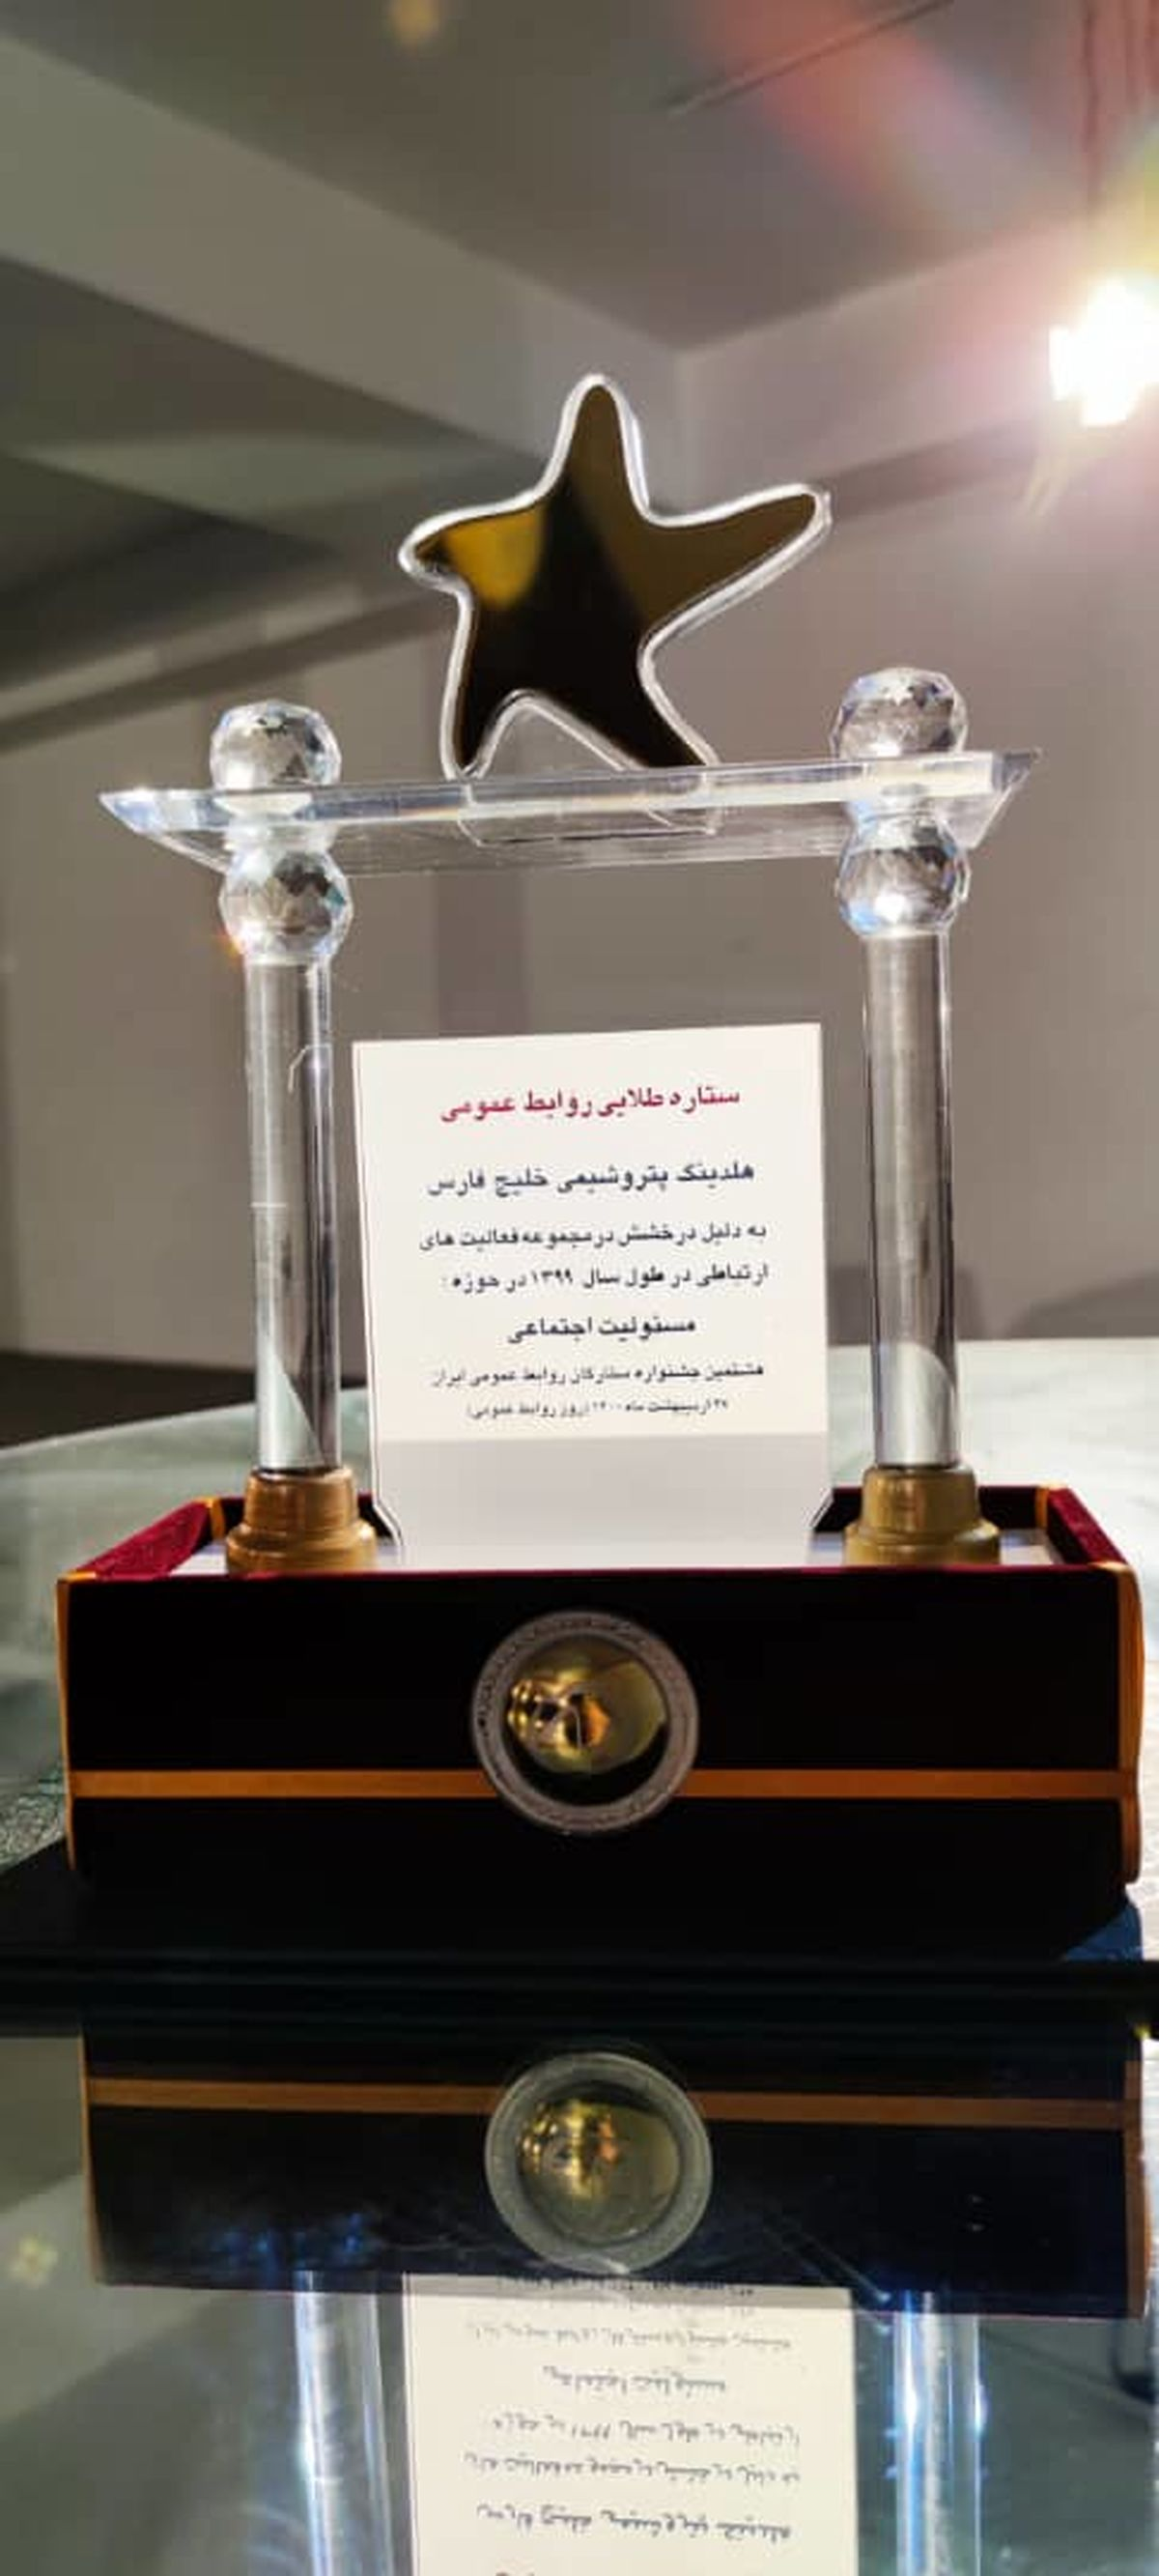 ستاره طلایی روابطعمومی در حوزه مسئولیت اجتماعی به گروه صنایع پتروشیمی خلیج فارس رسید